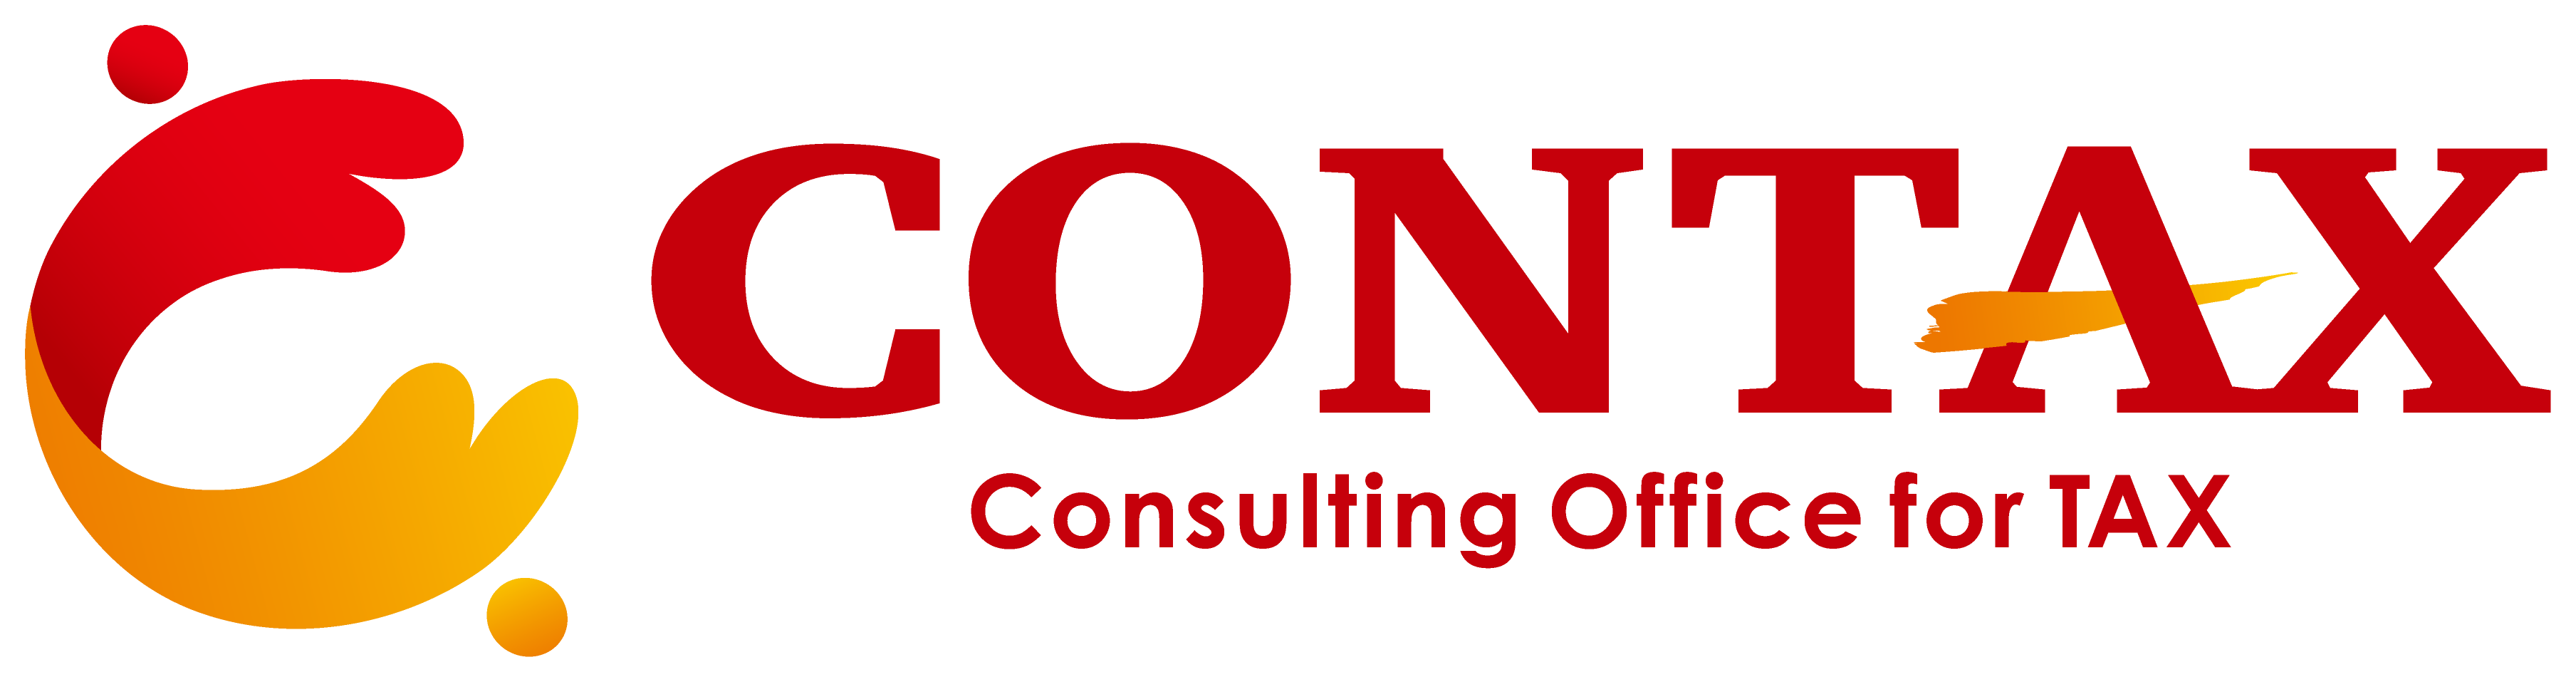 経営コンサルタントとシンプルと赤のロゴ